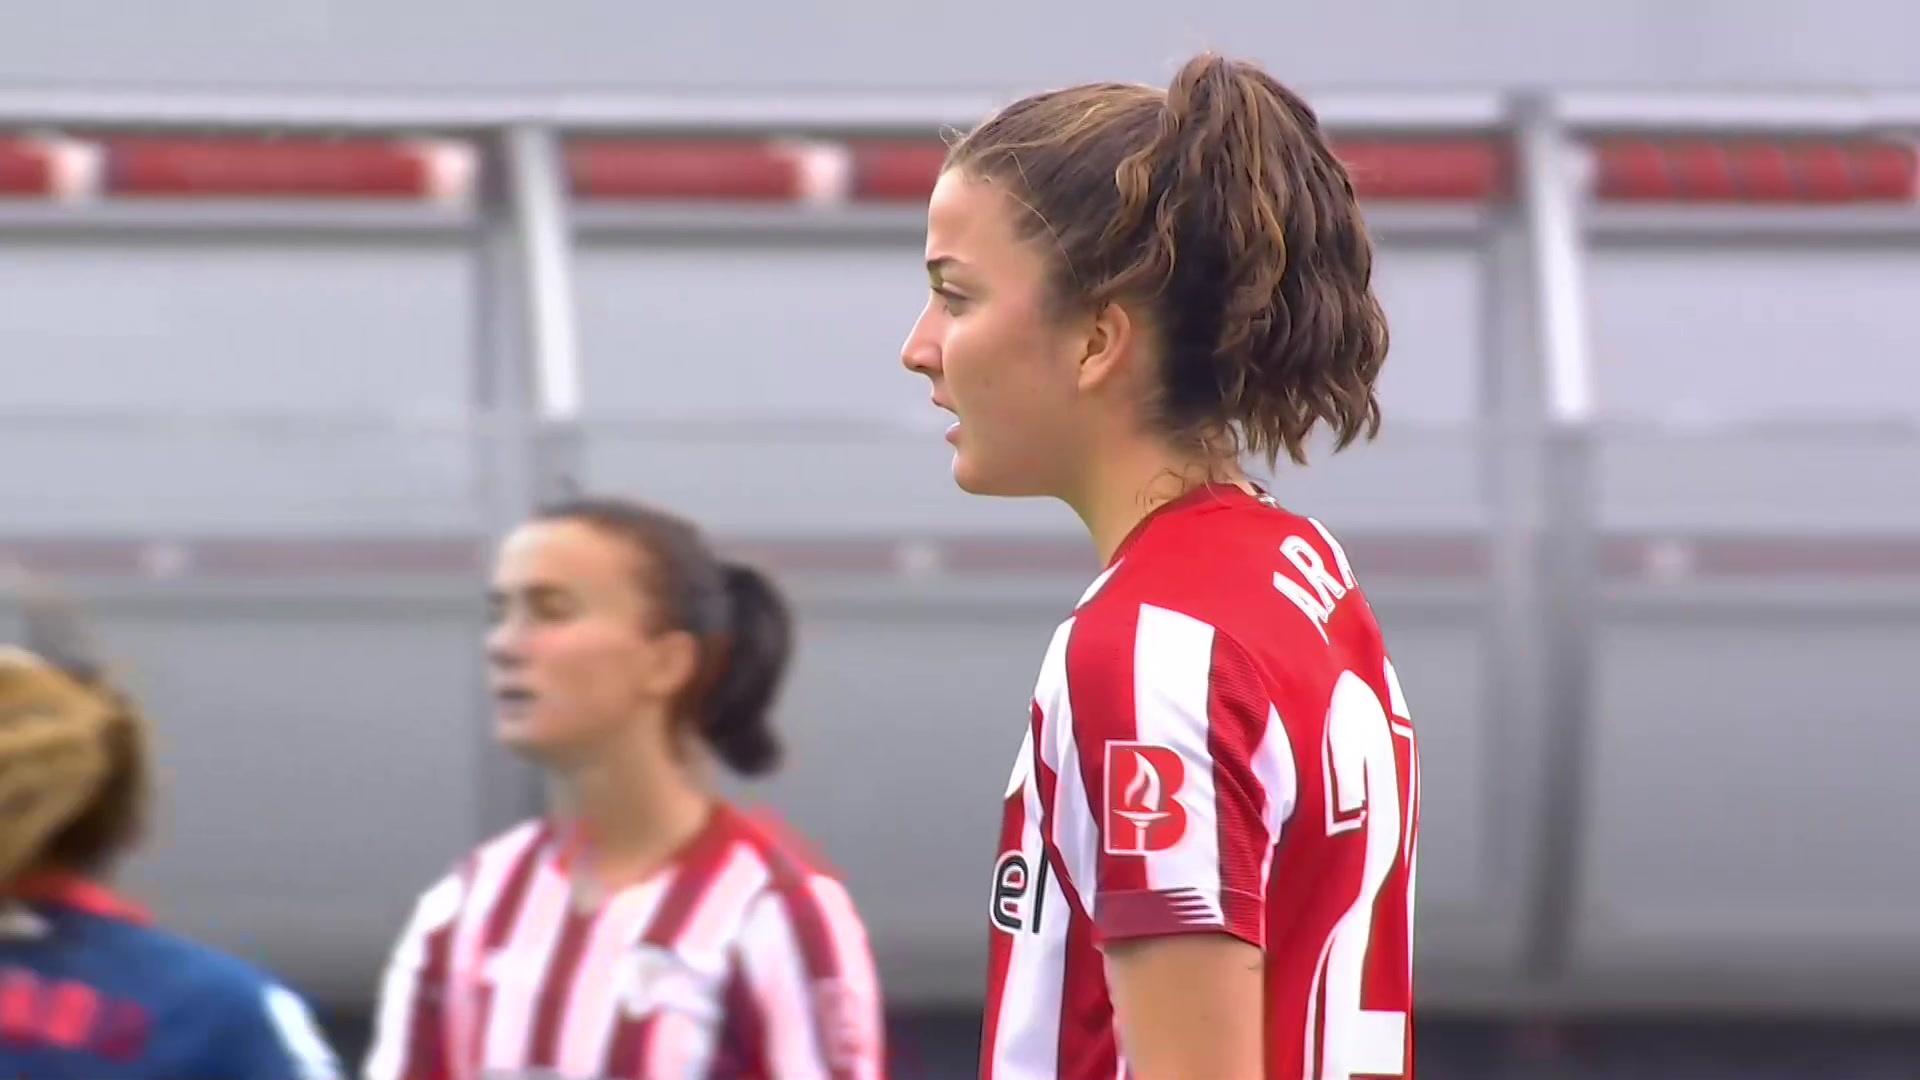 Primera División Femenina. 33ª Jornada:Athletic Club-Sevilla